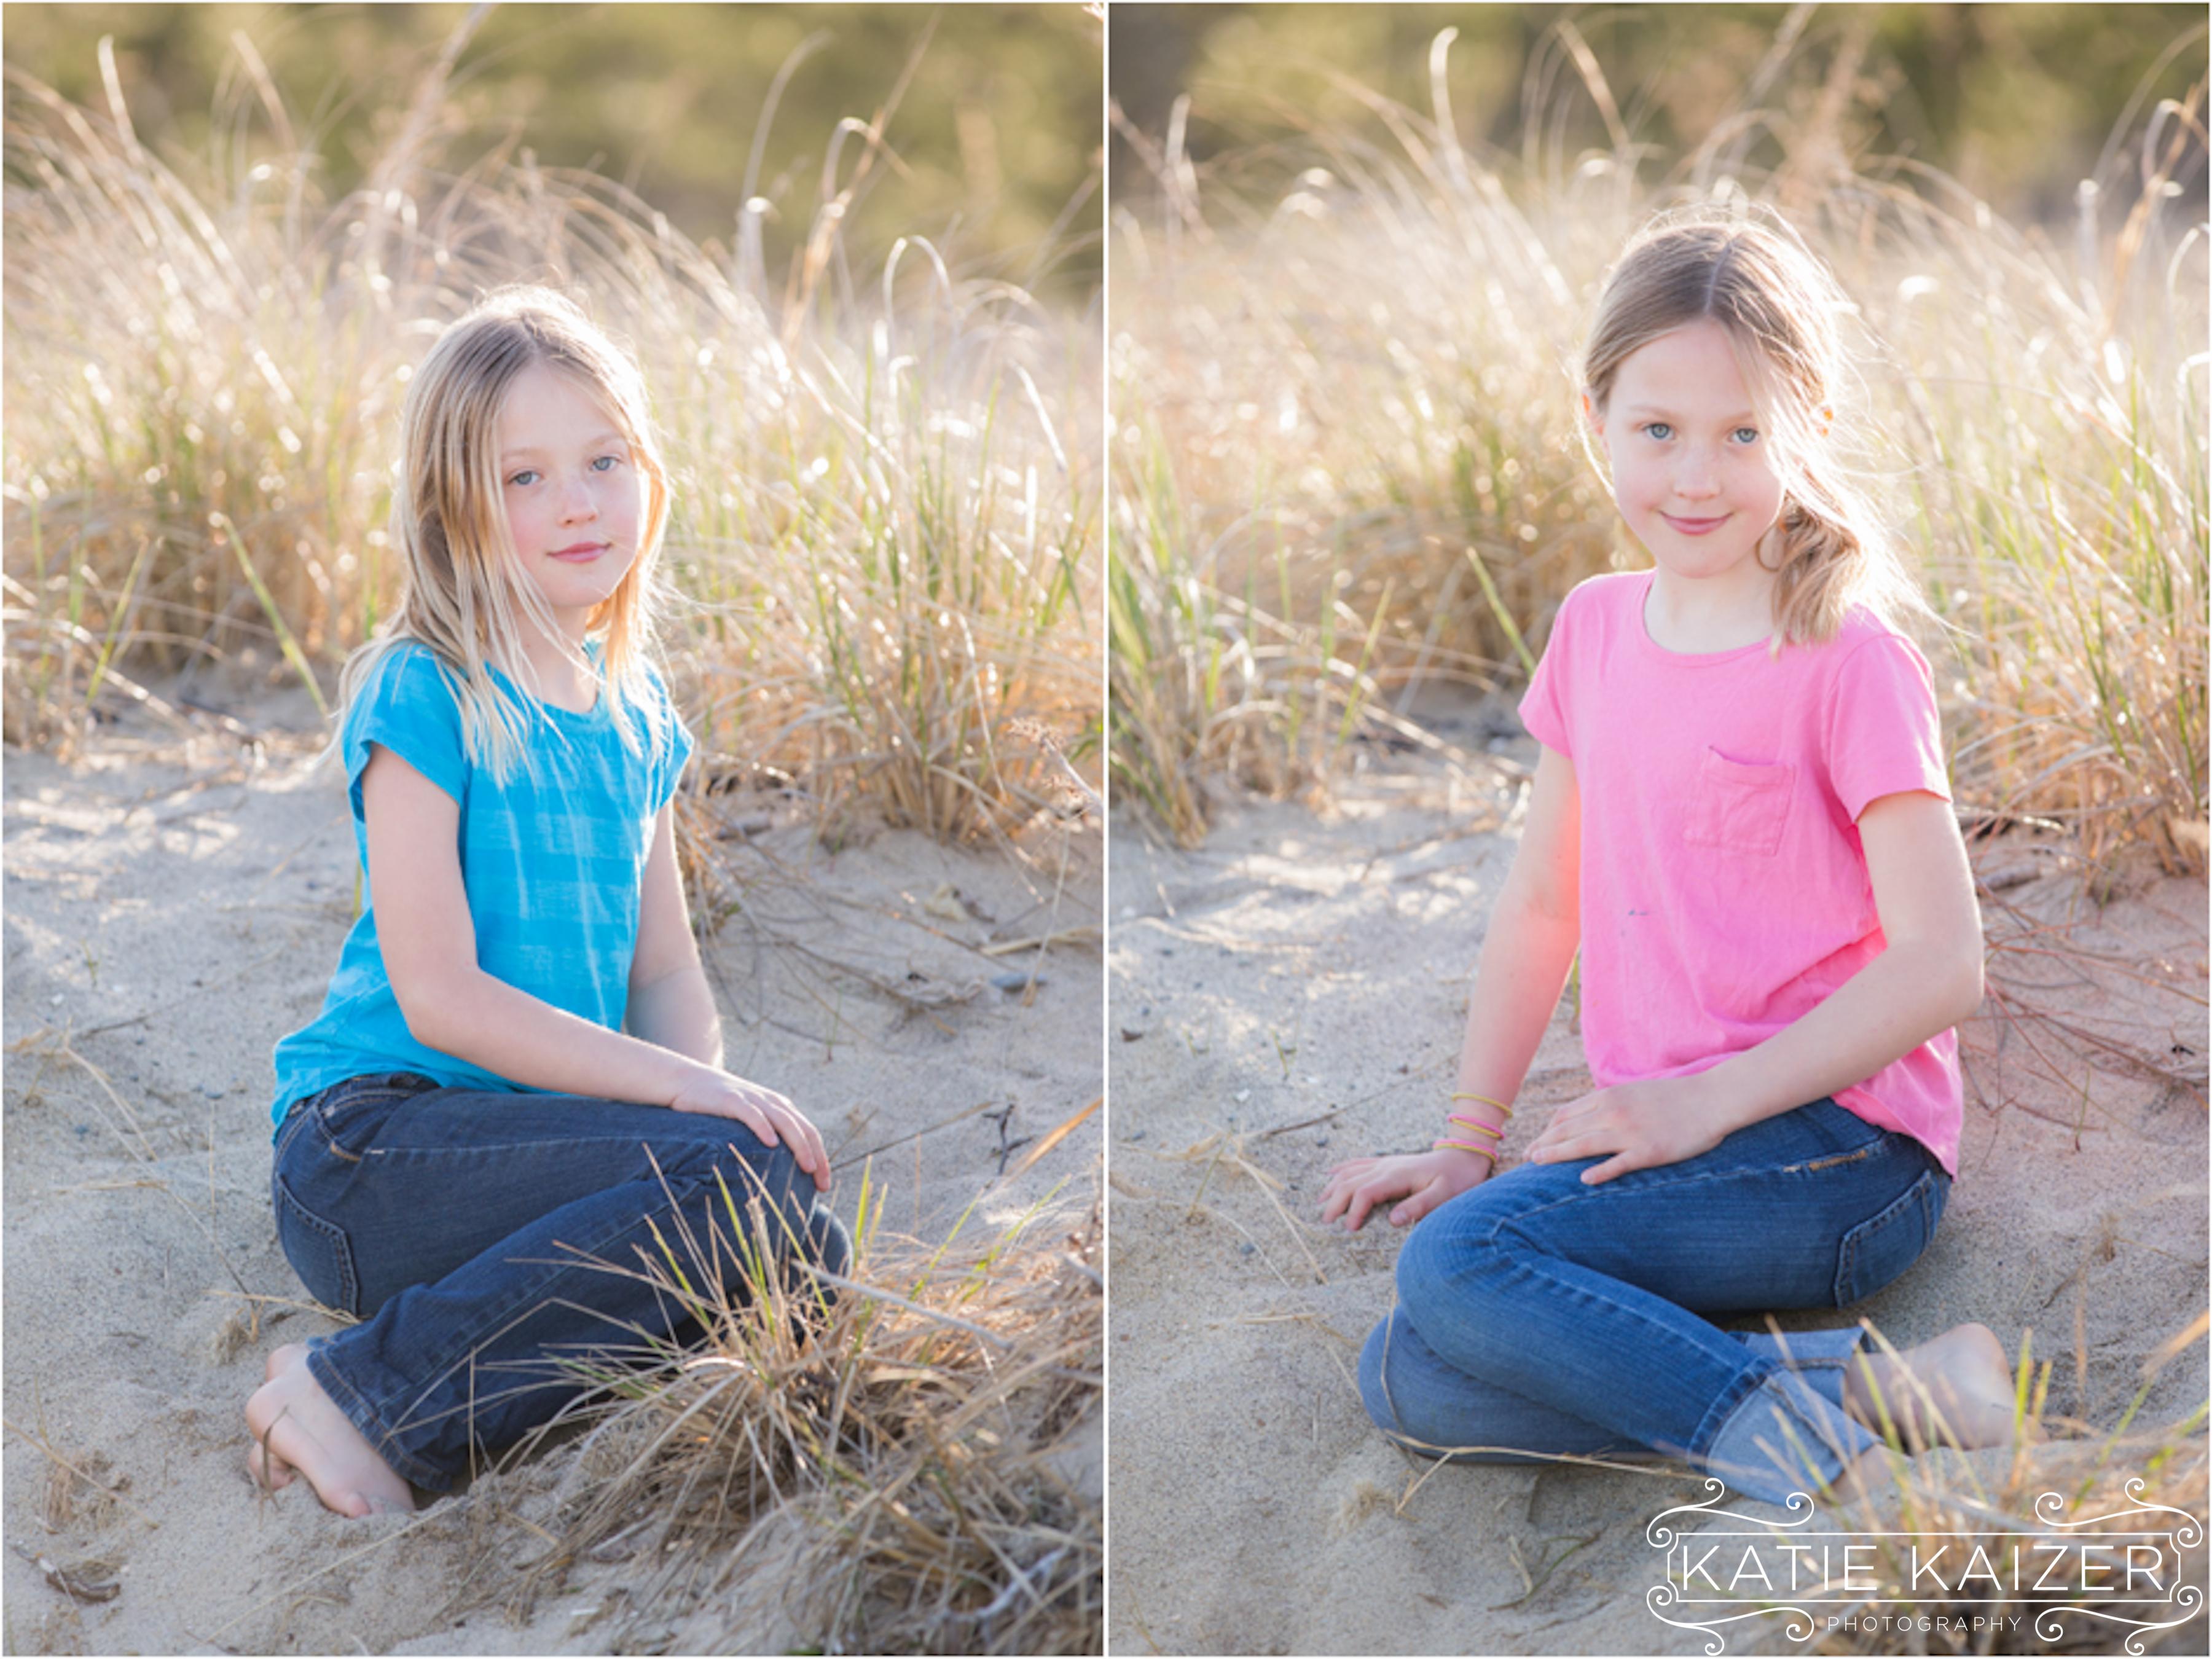 Ruley_17_KatieKaizerPhotography